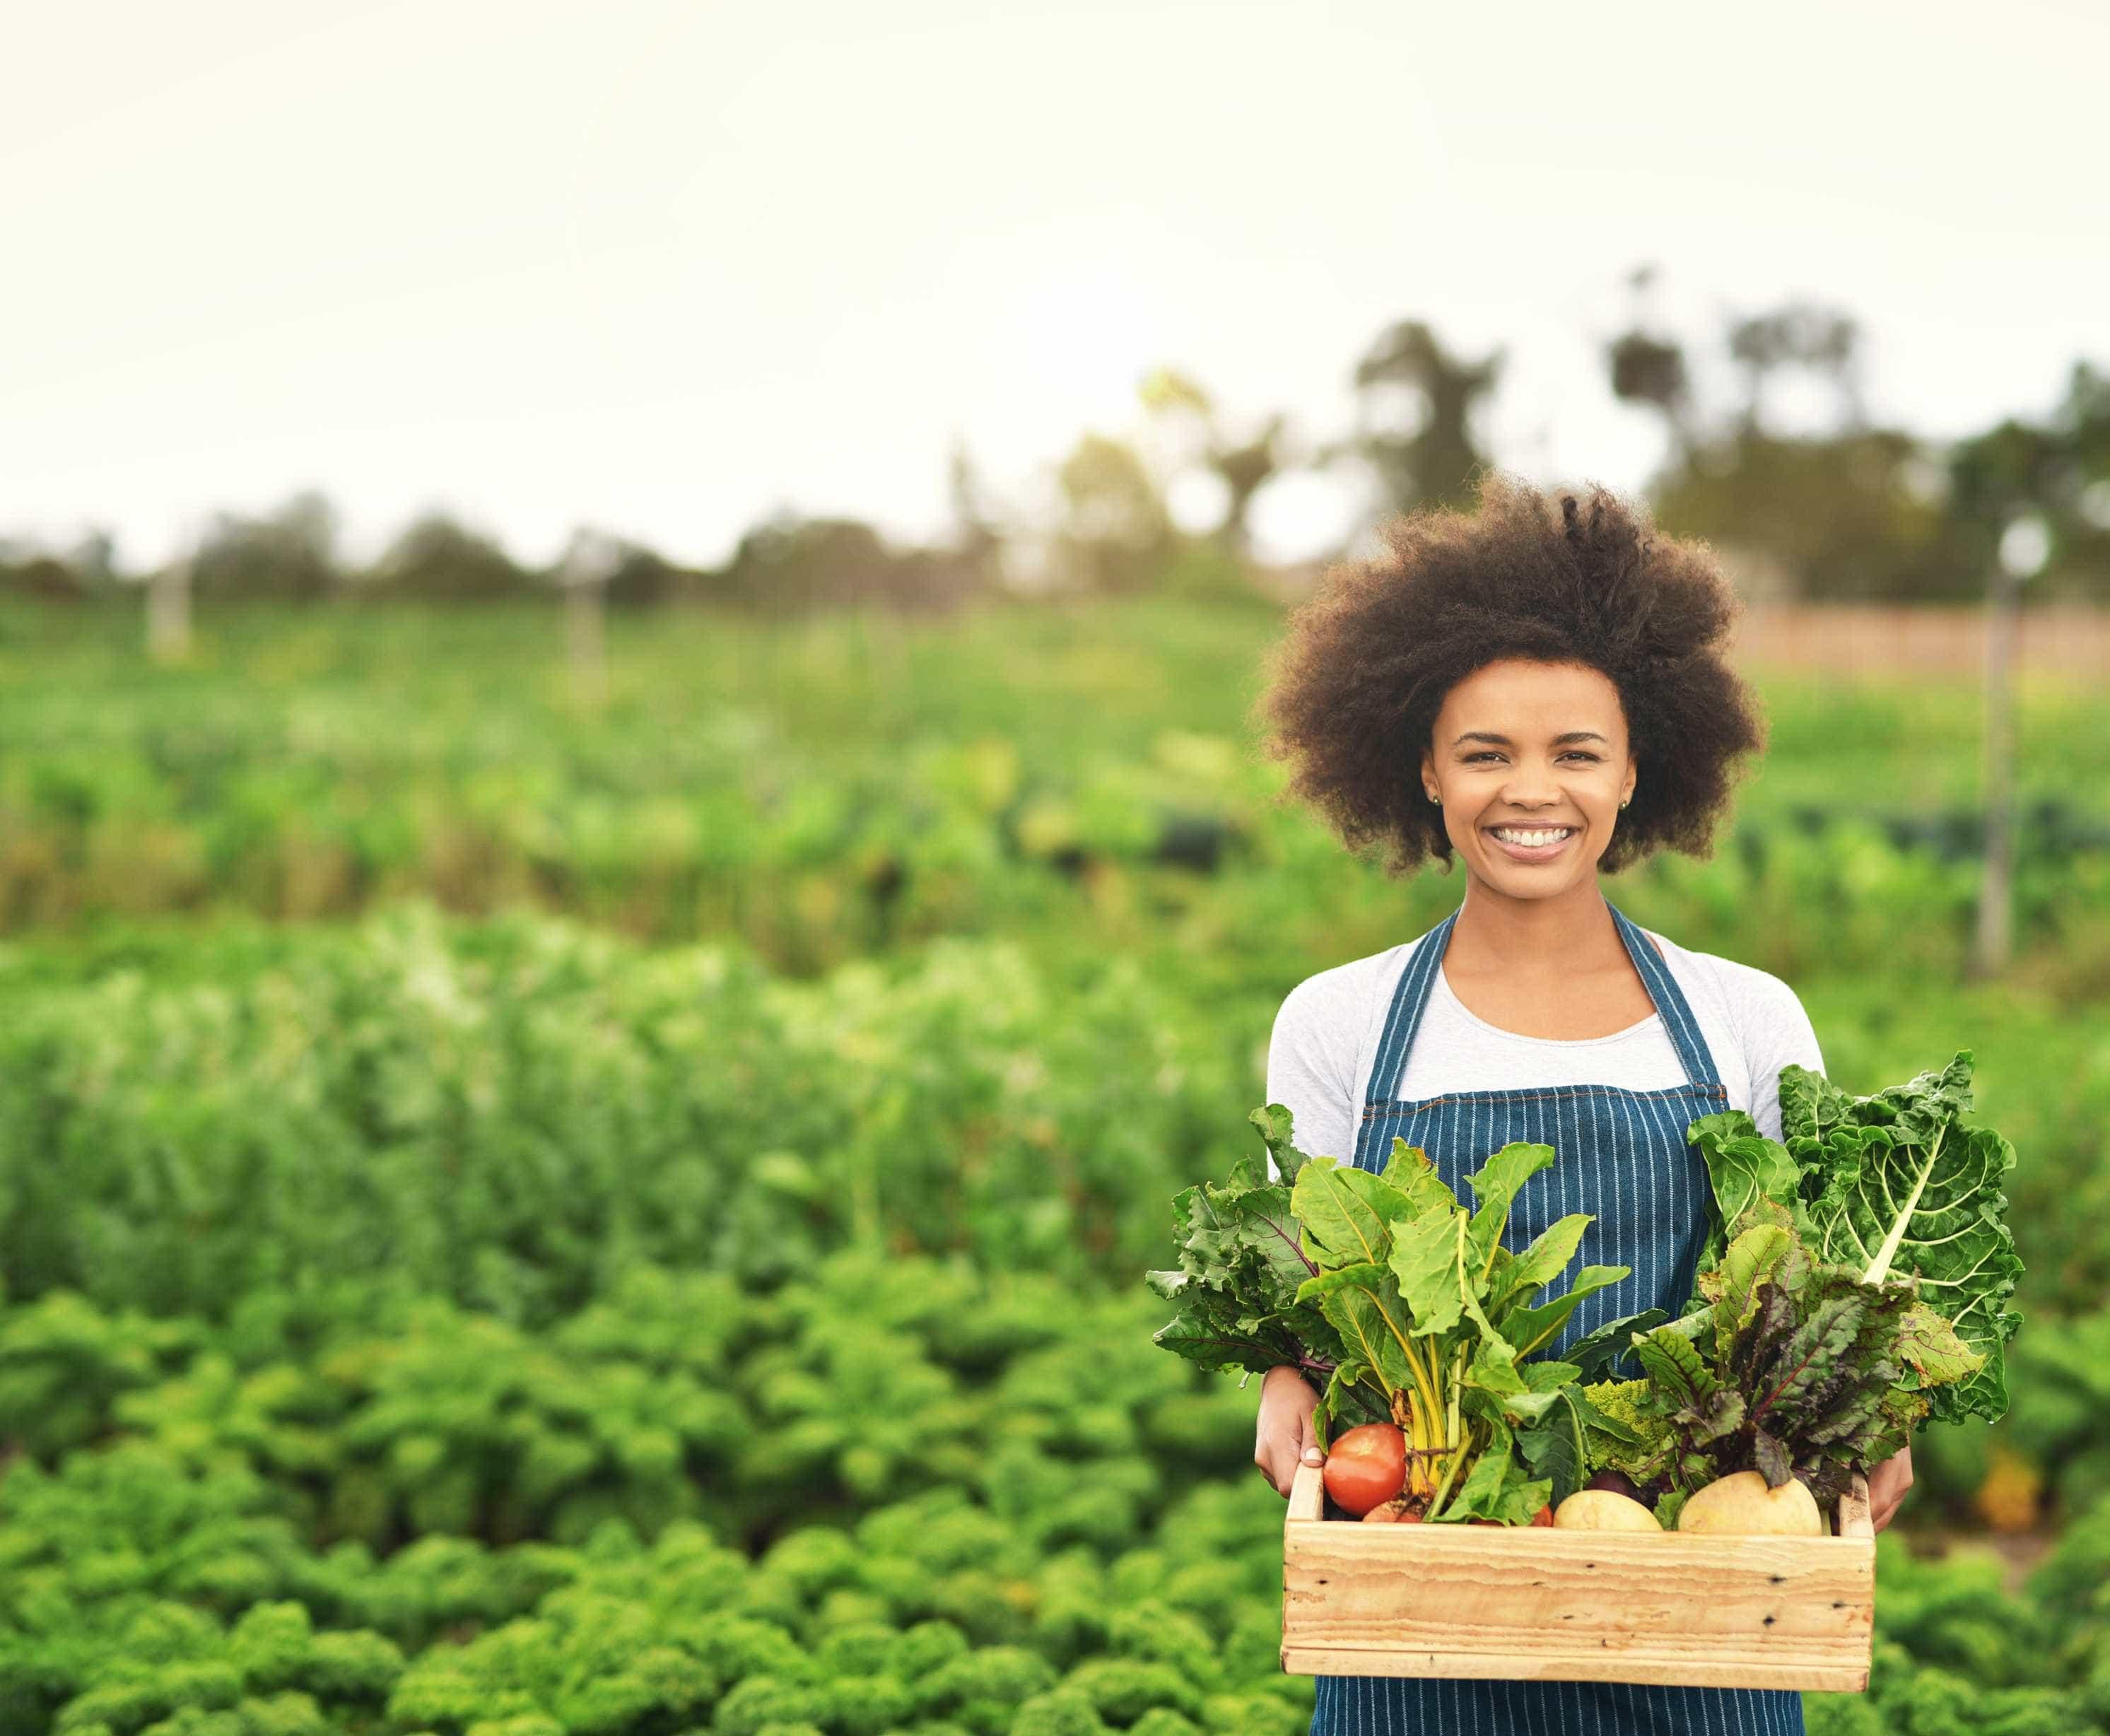 Consumir alimentos orgânicos ajuda a reduzir o risco de cancro